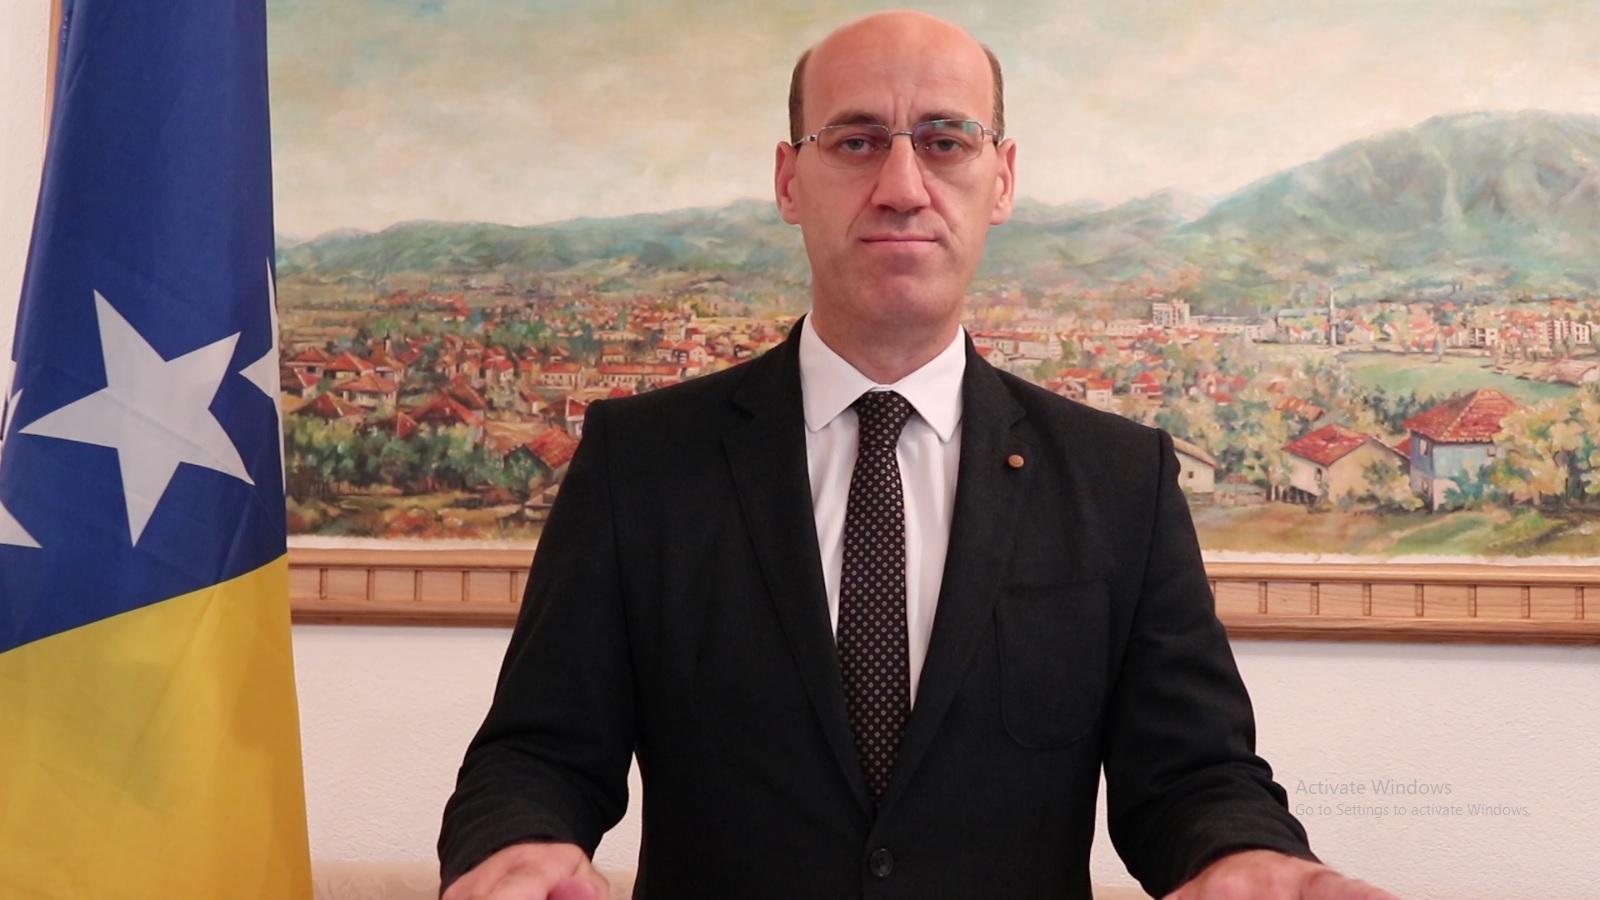 VIDEO Poruka Ramiza Salkića: Zašto je važno registrovati se i glasati na izborima u BiH, a posebno u bh. entitetu RS